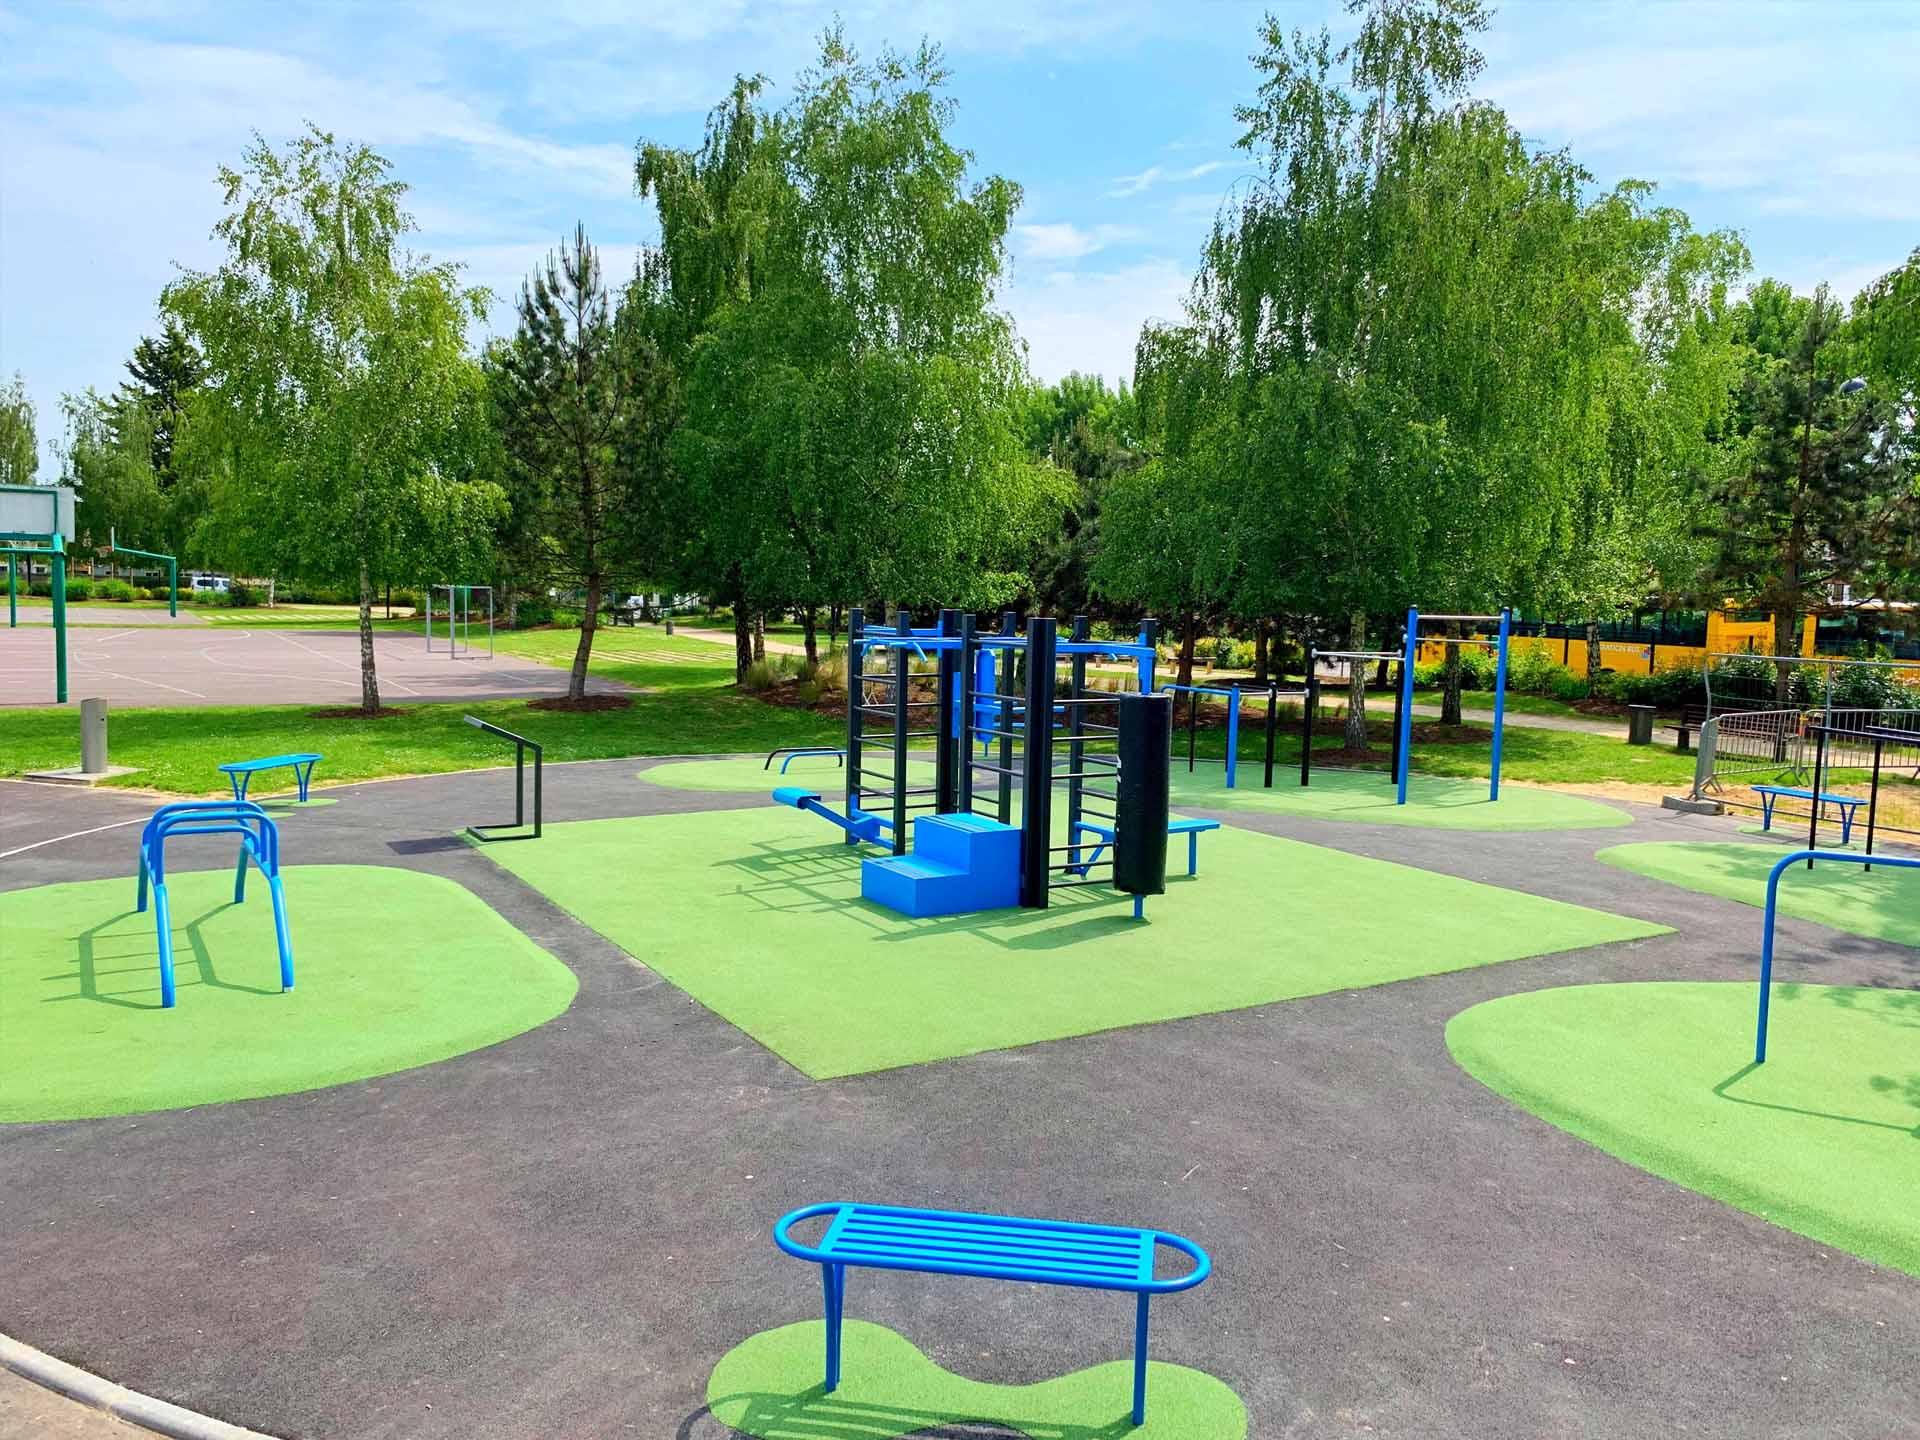 Photo du plateau sportif de plein air au Jardin Sportif de Val de Reuil